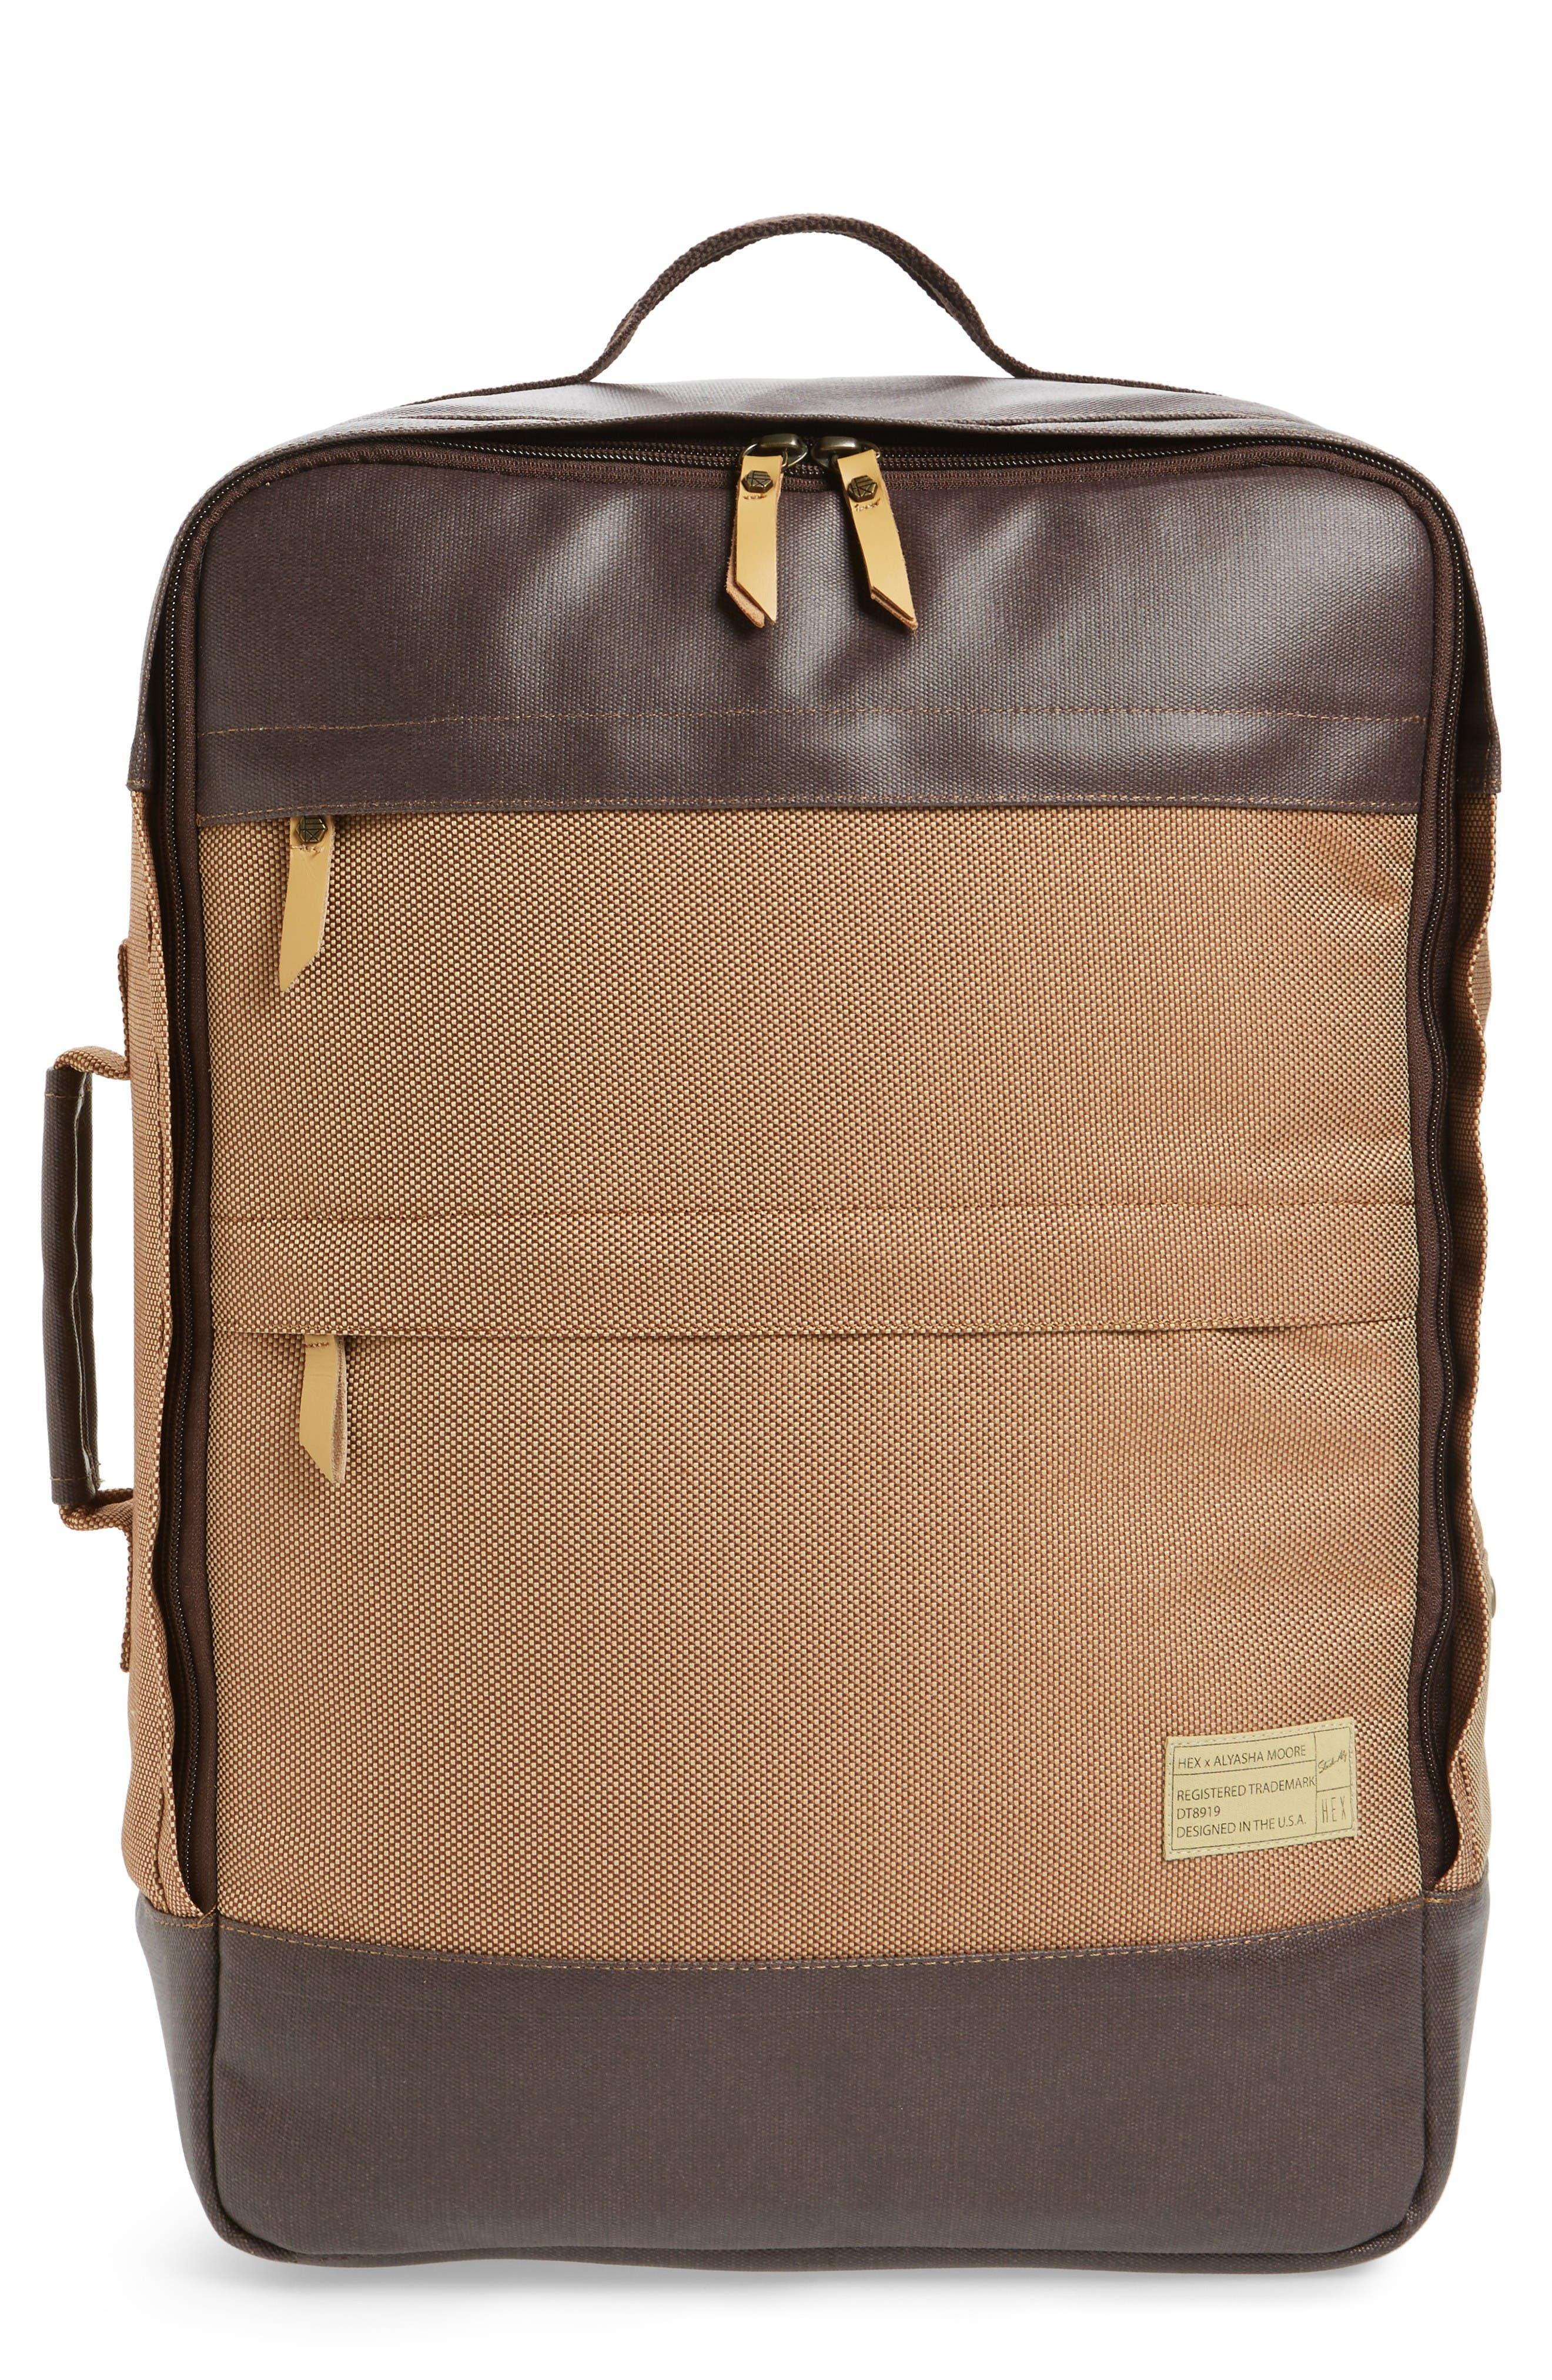 Main Image - HEX Alyasha Travel Backpack